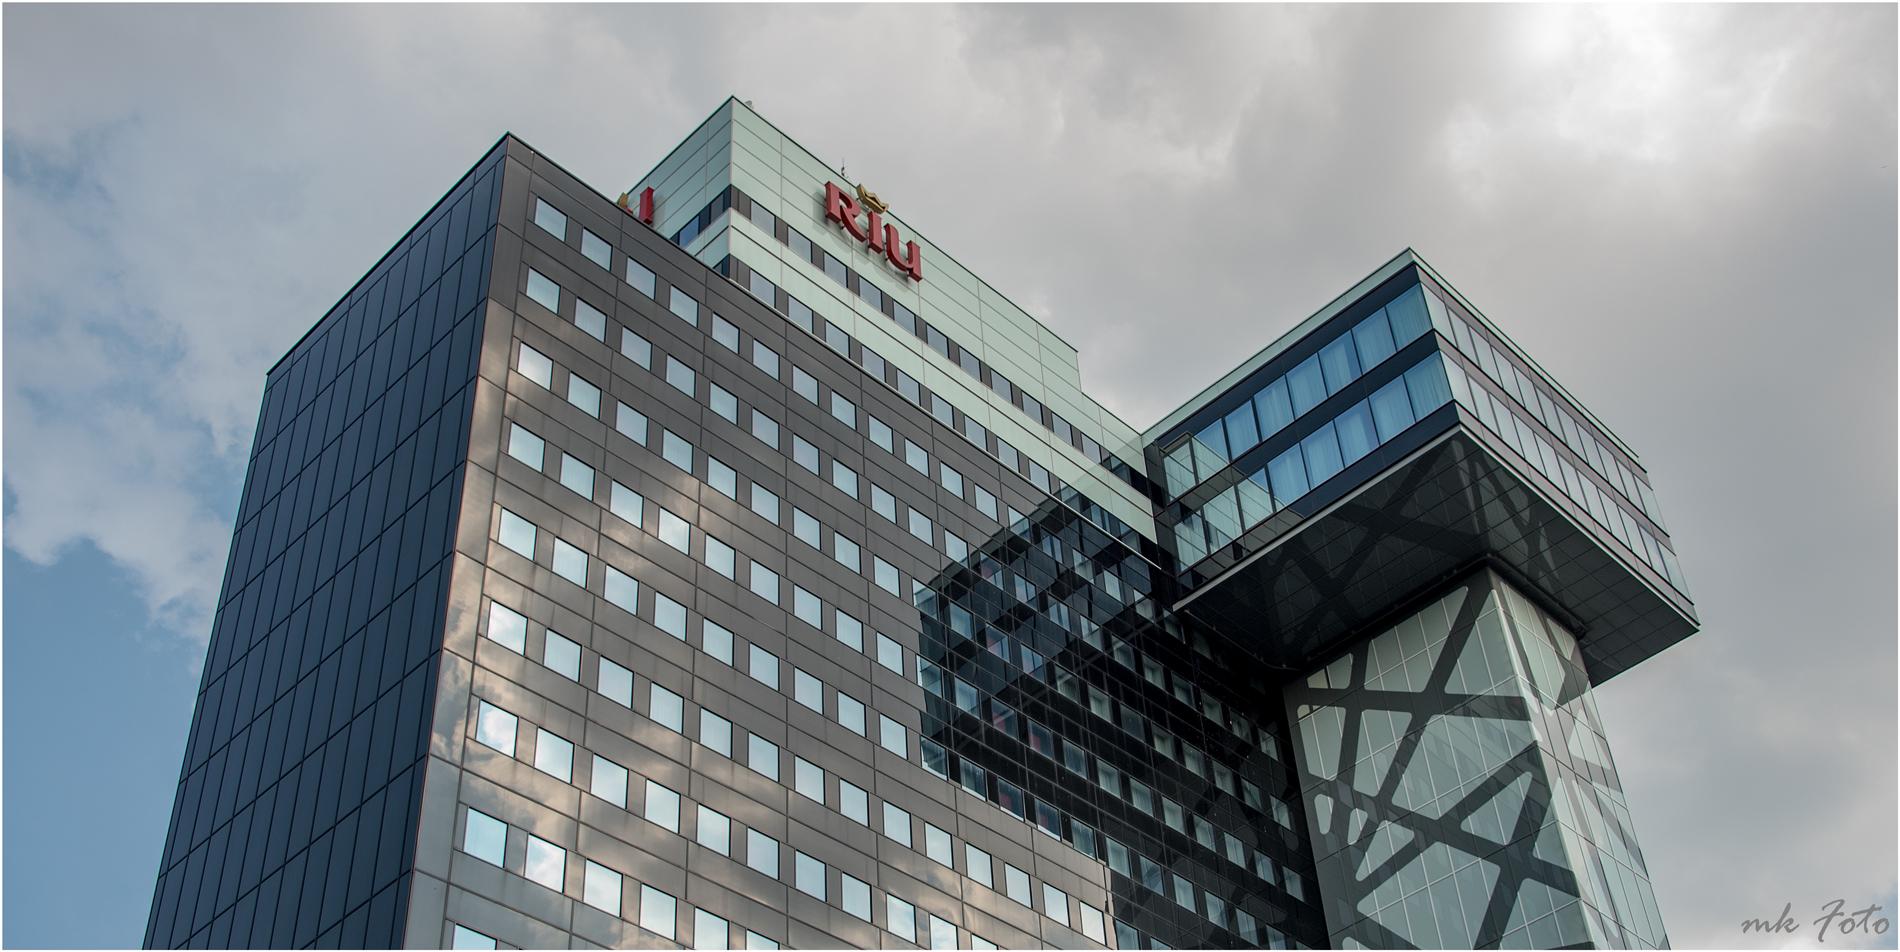 Moderne Architektur Foto & Bild | world, berlin, hochhaus Bilder auf ...